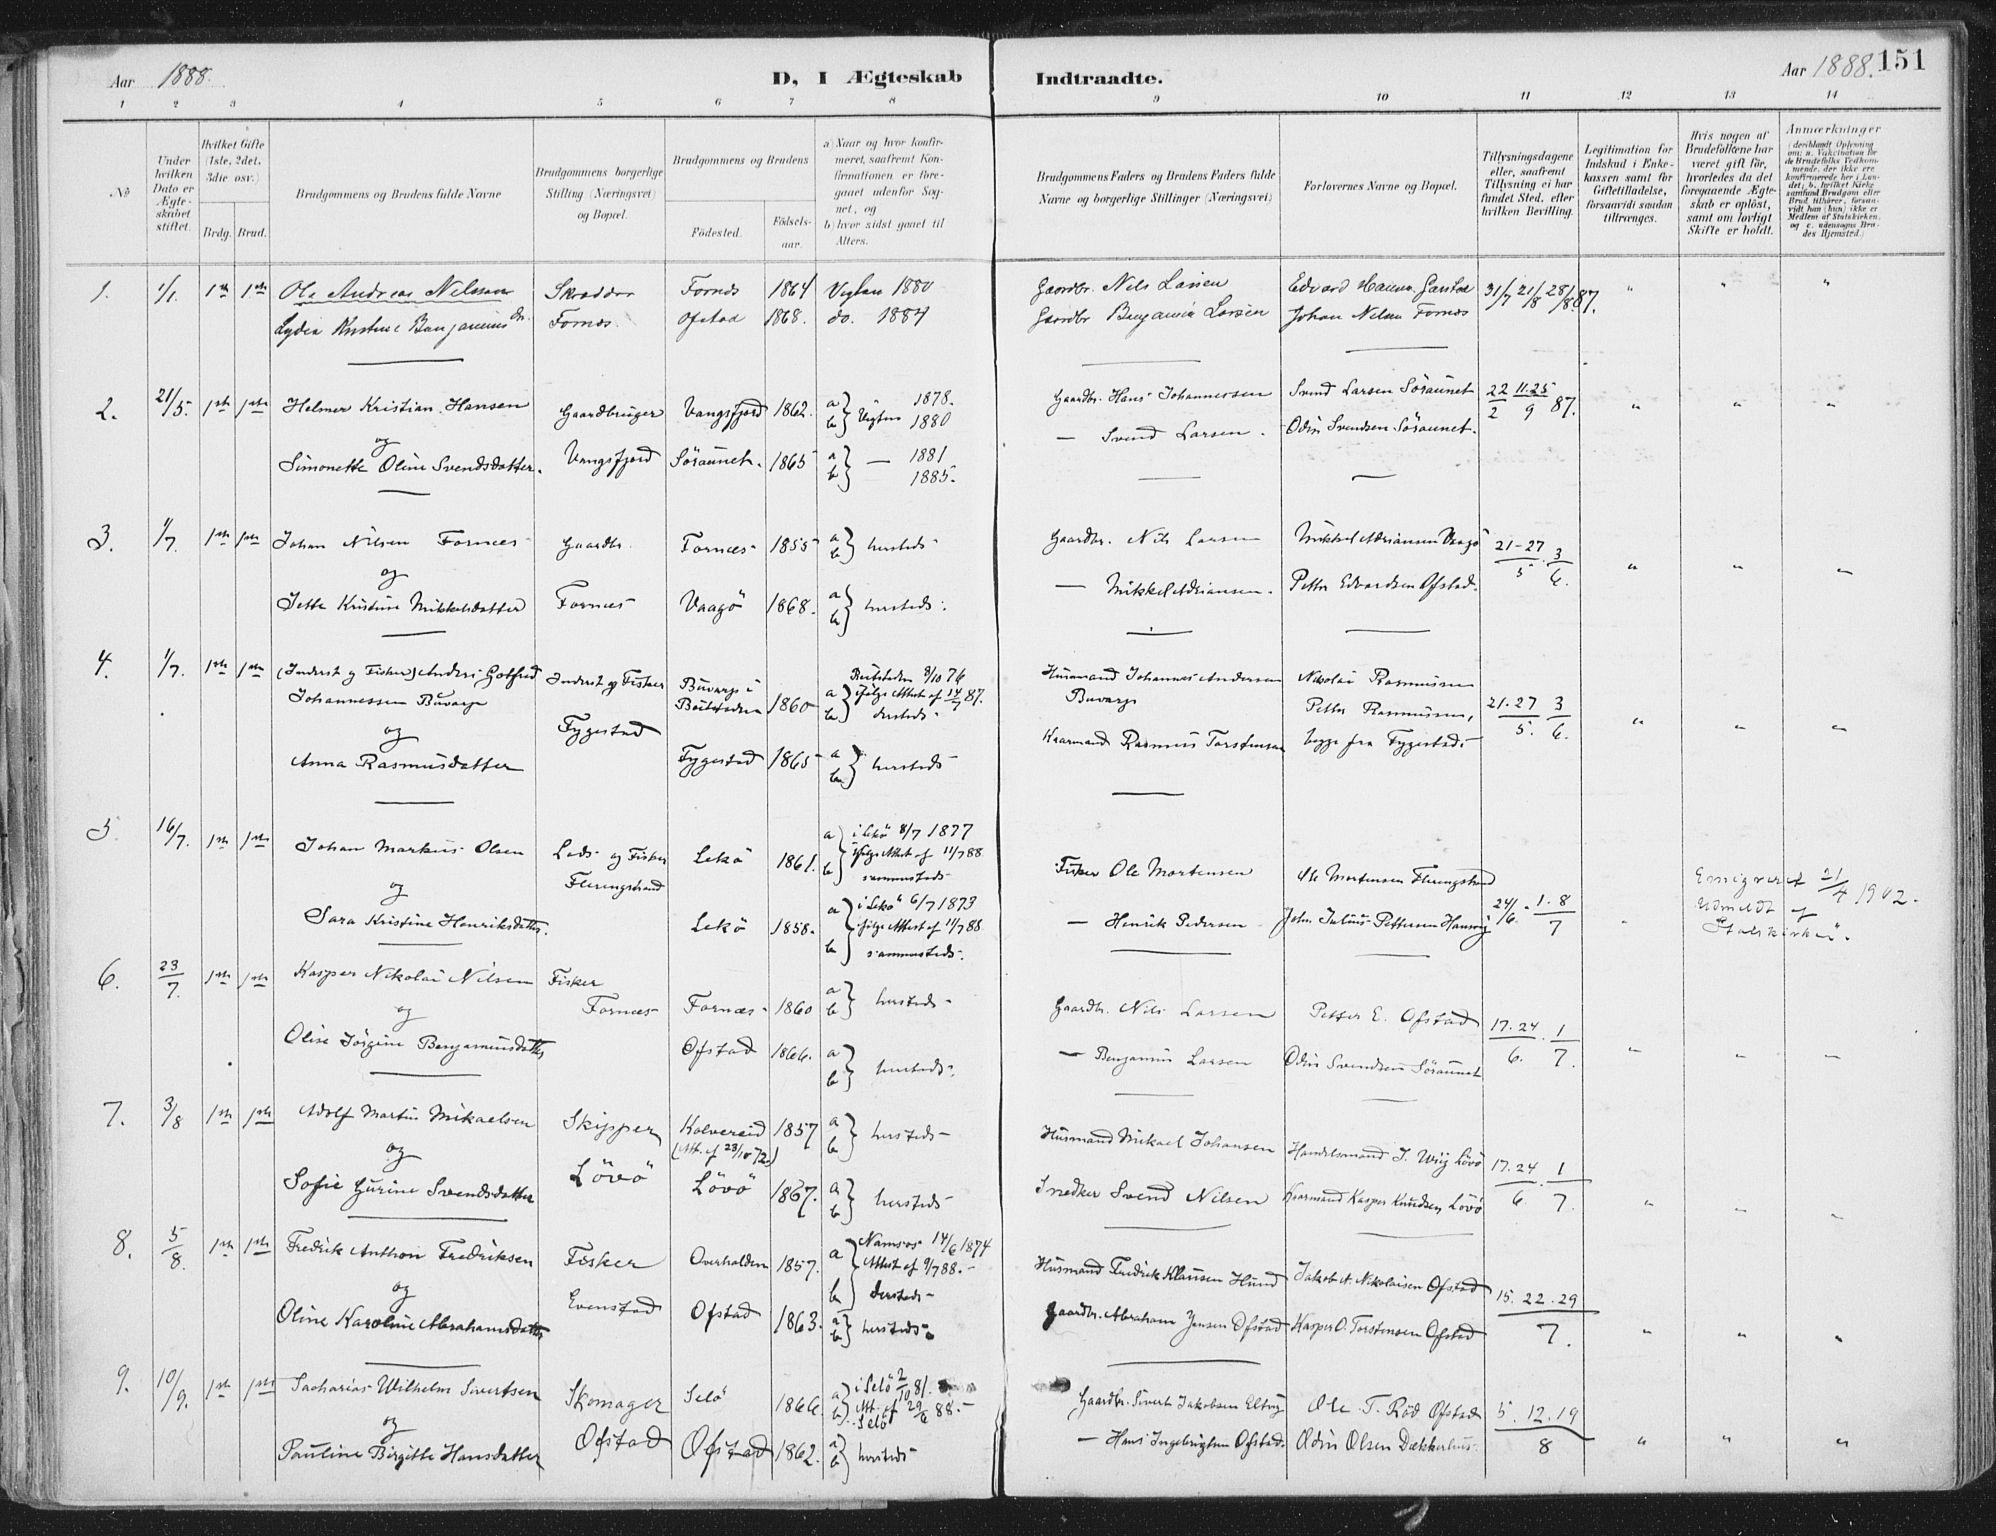 SAT, Ministerialprotokoller, klokkerbøker og fødselsregistre - Nord-Trøndelag, 786/L0687: Ministerialbok nr. 786A03, 1888-1898, s. 151